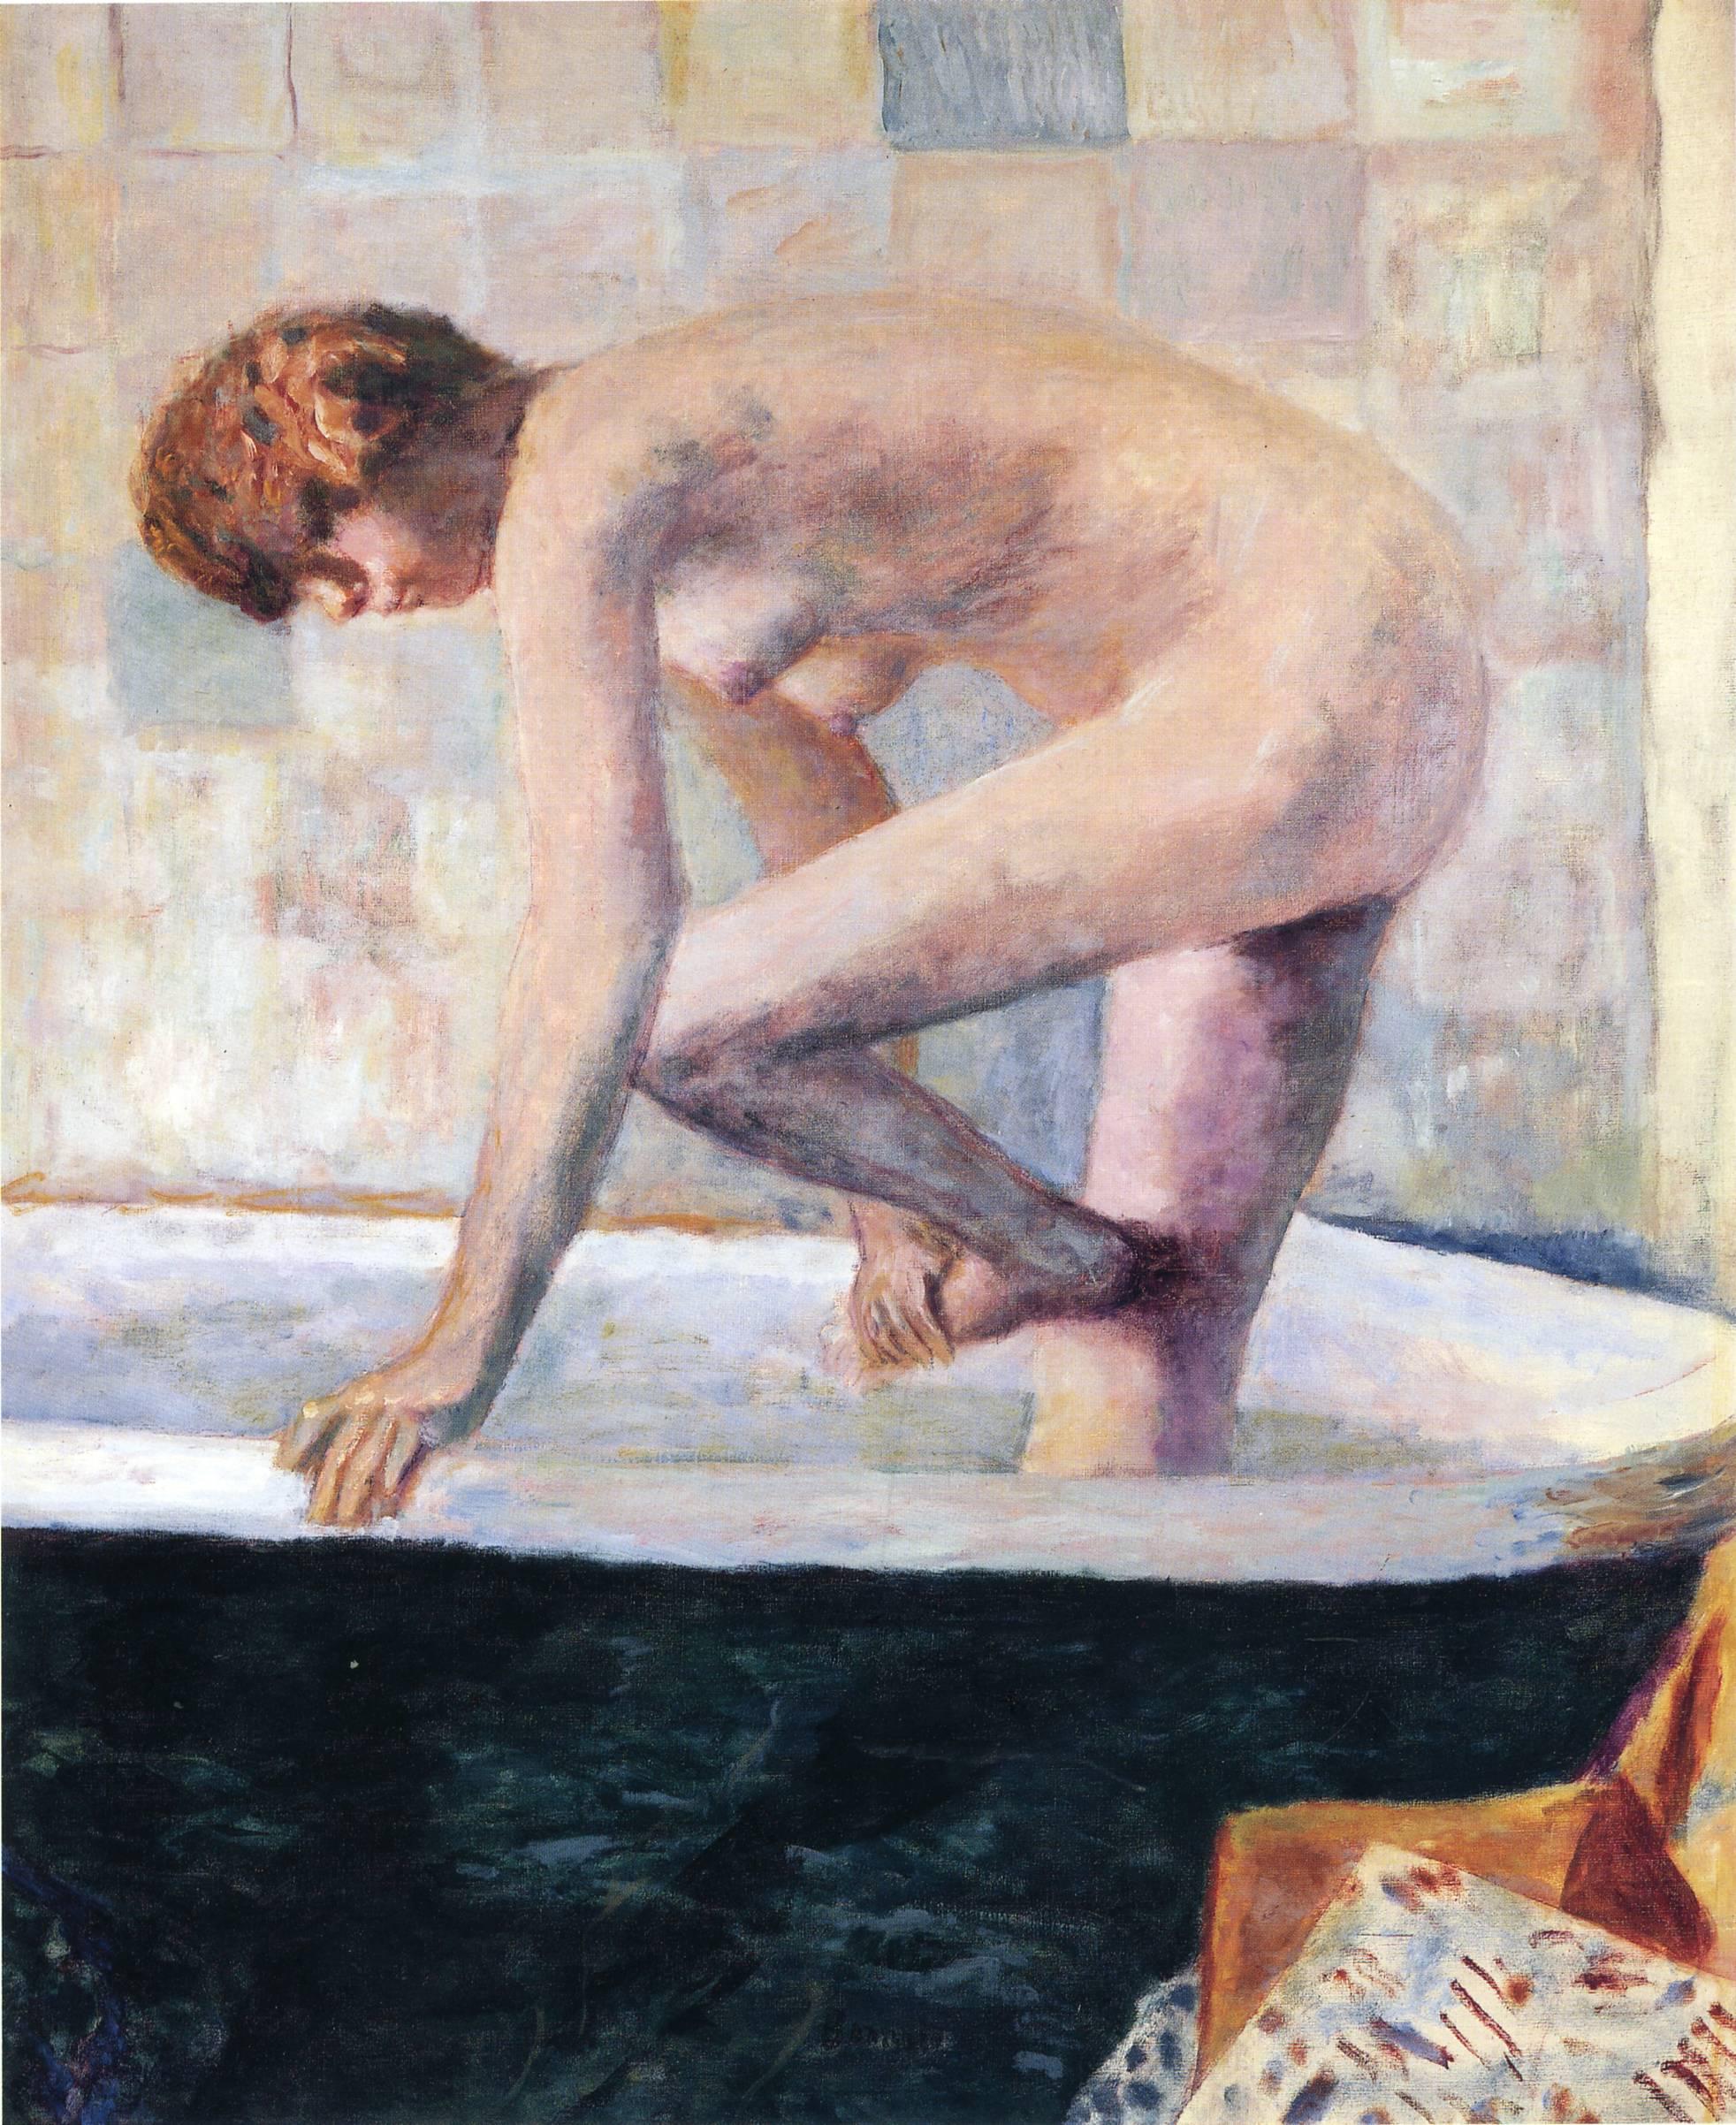 Nude Washing Feet in a Bathtub